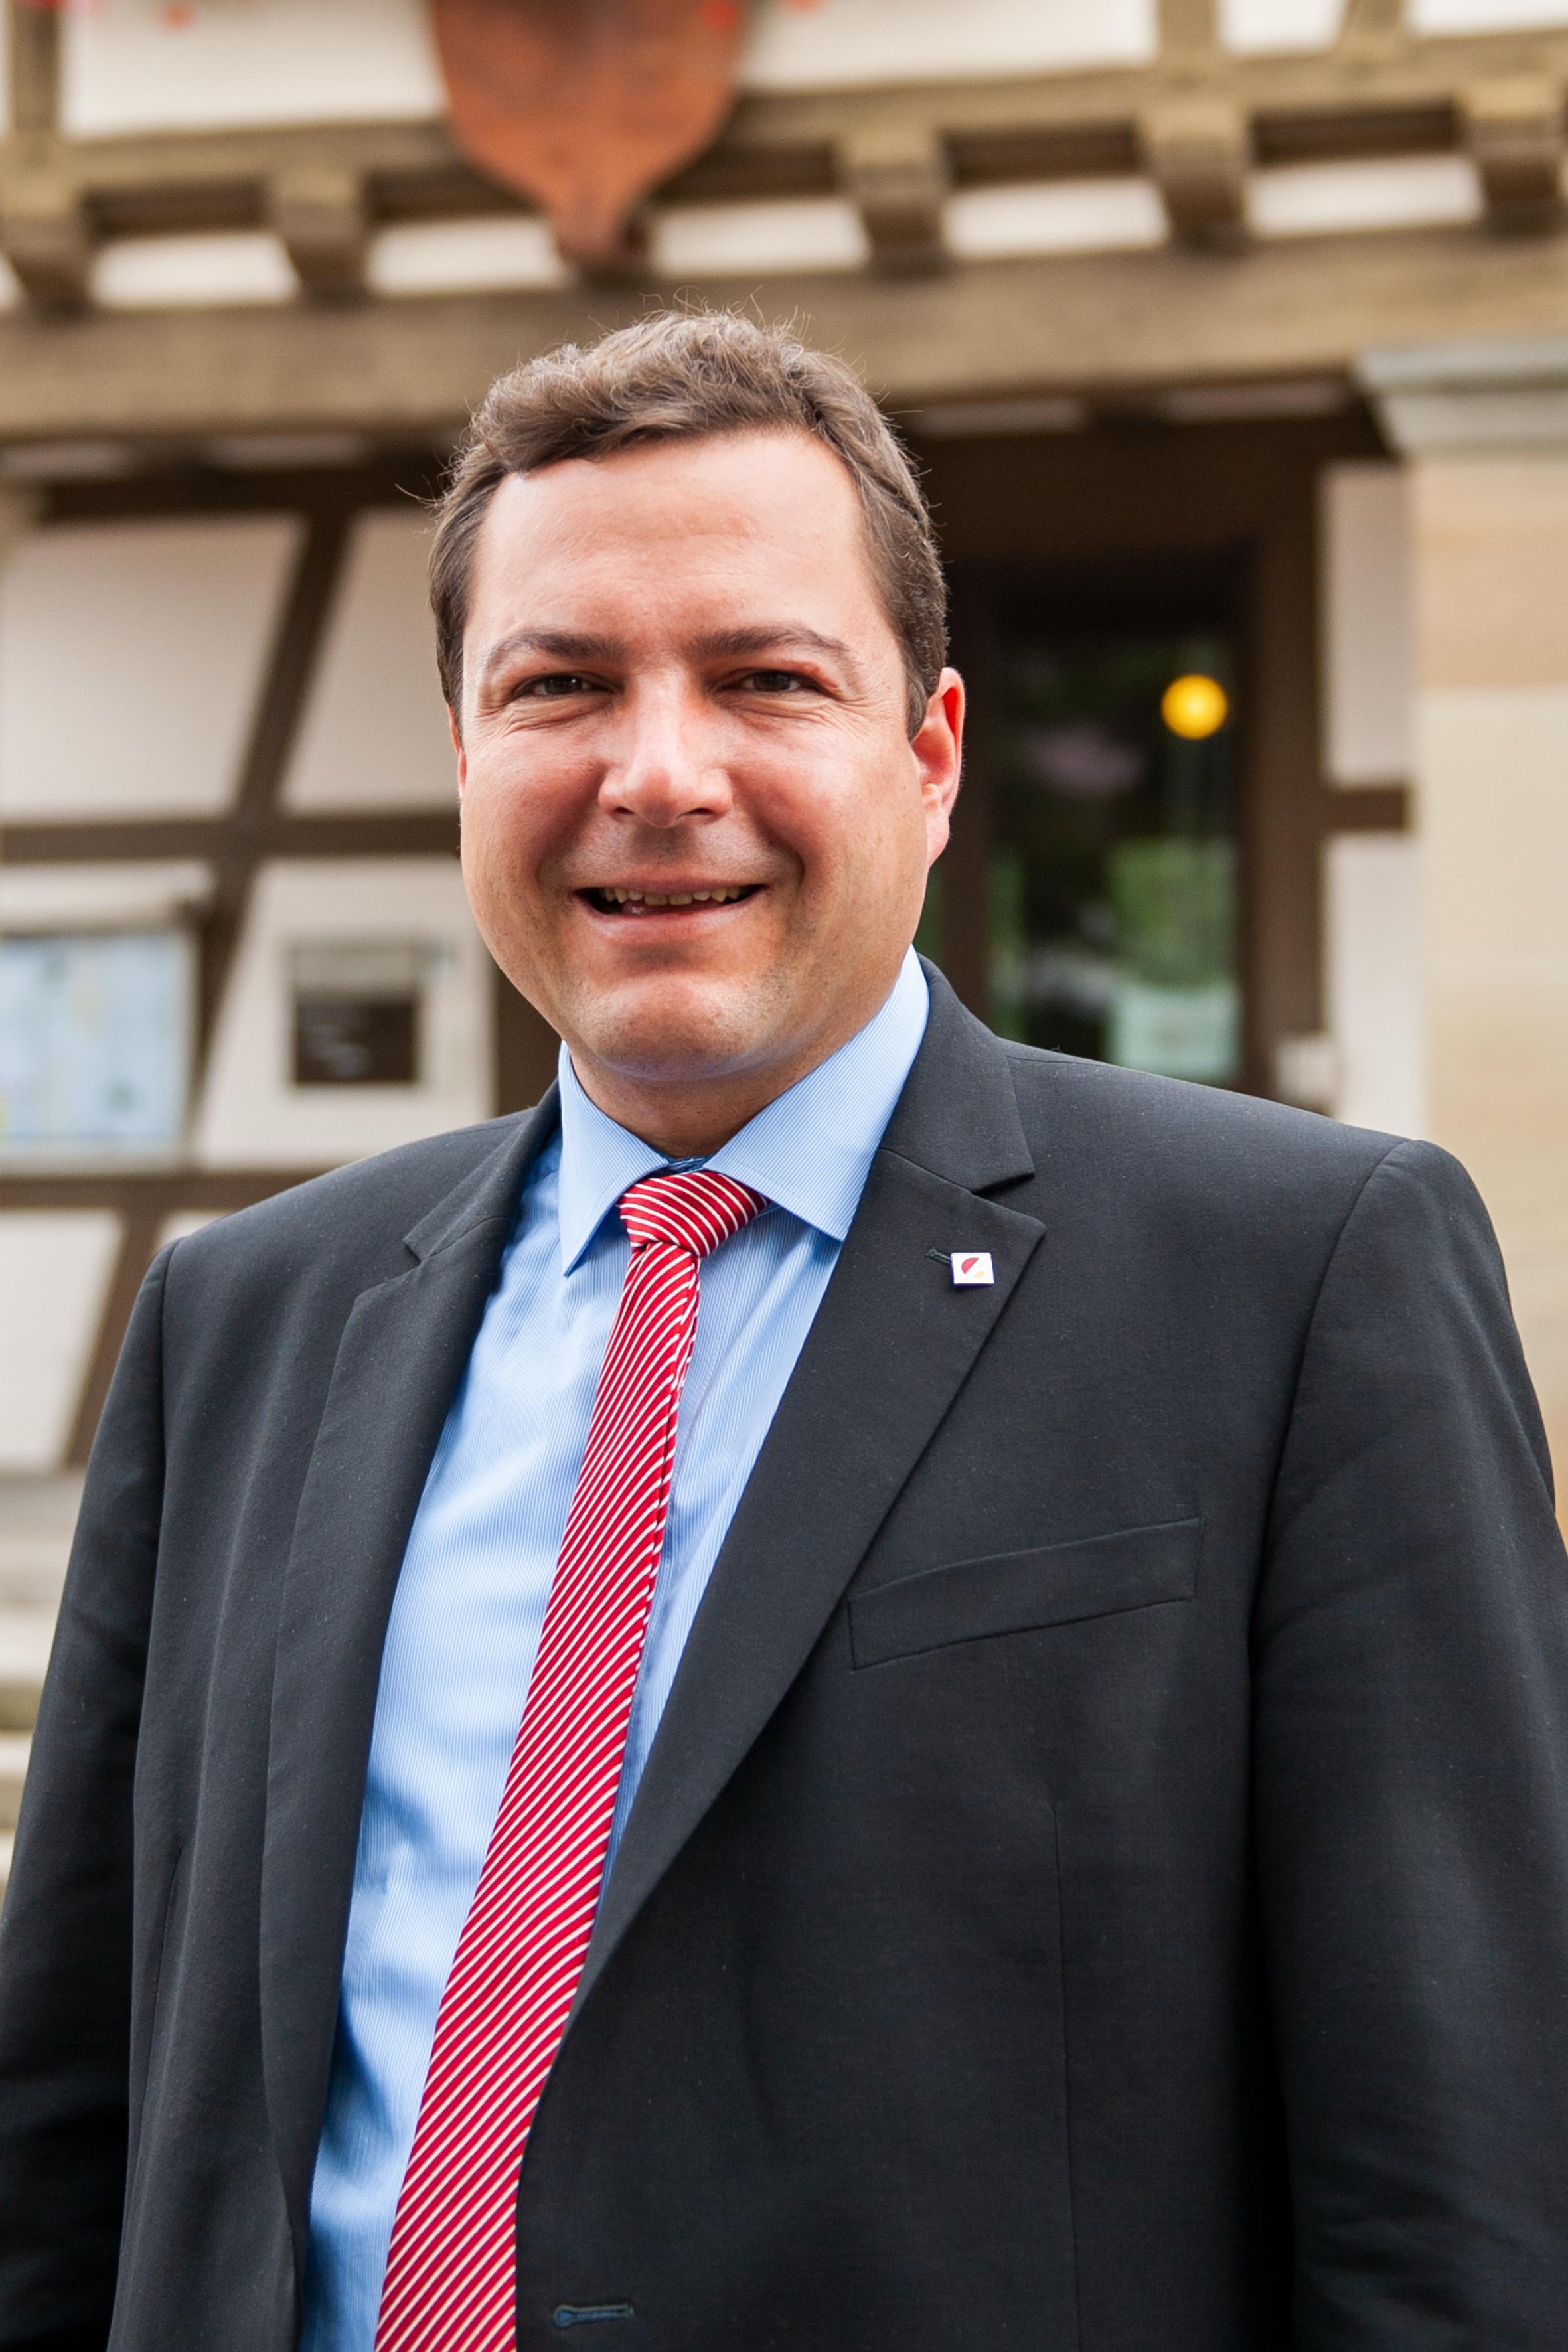 Bürgermeister Thomas Riesch